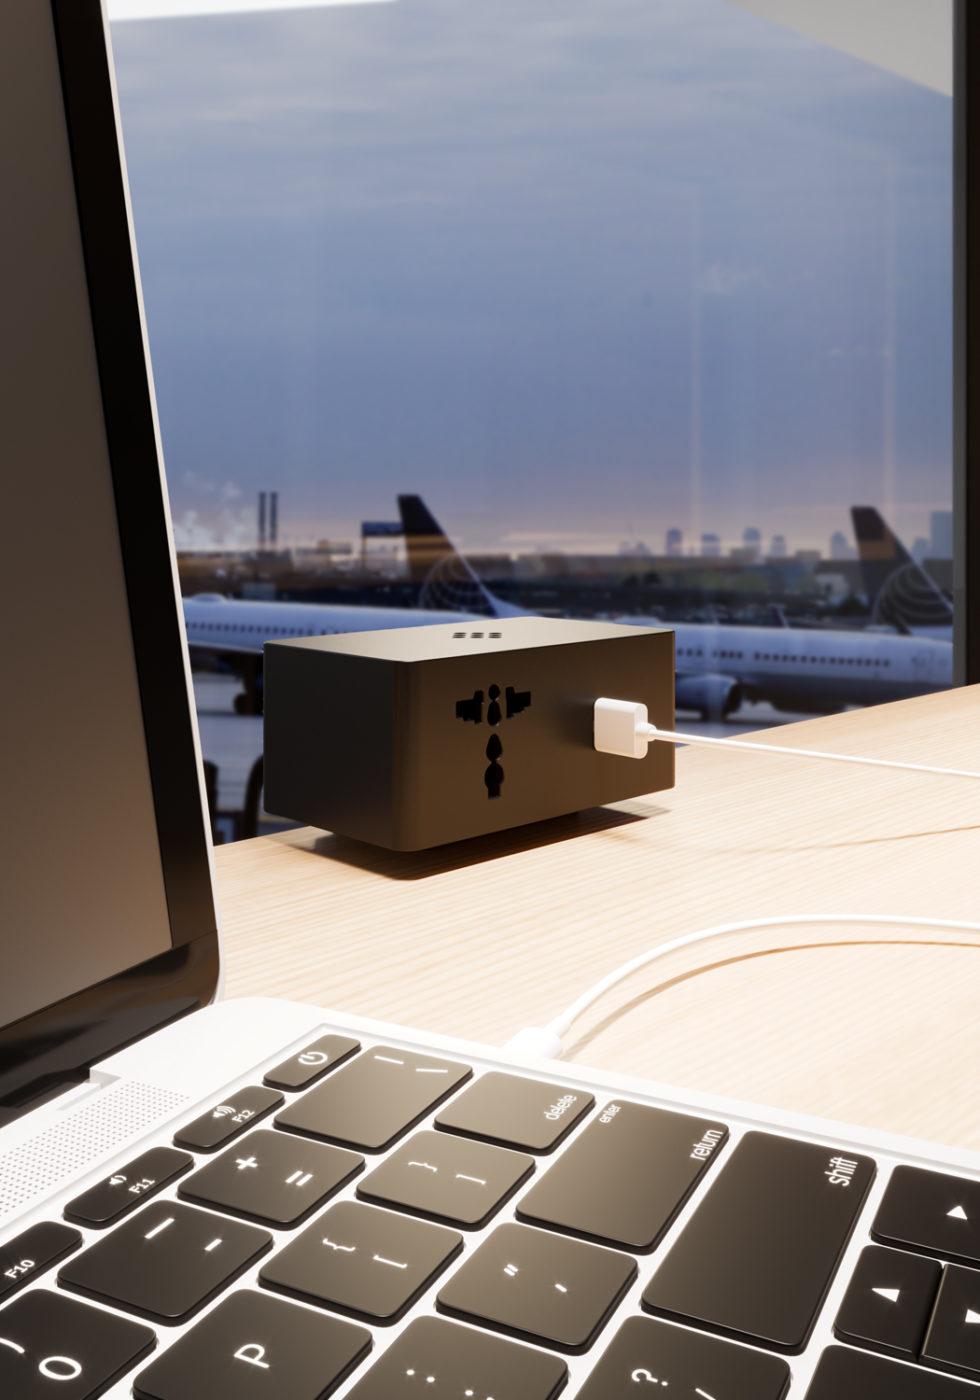 VersaQ: modulo per la ricarica dei dispositivi mobili in versione nera collegati ad un laptop